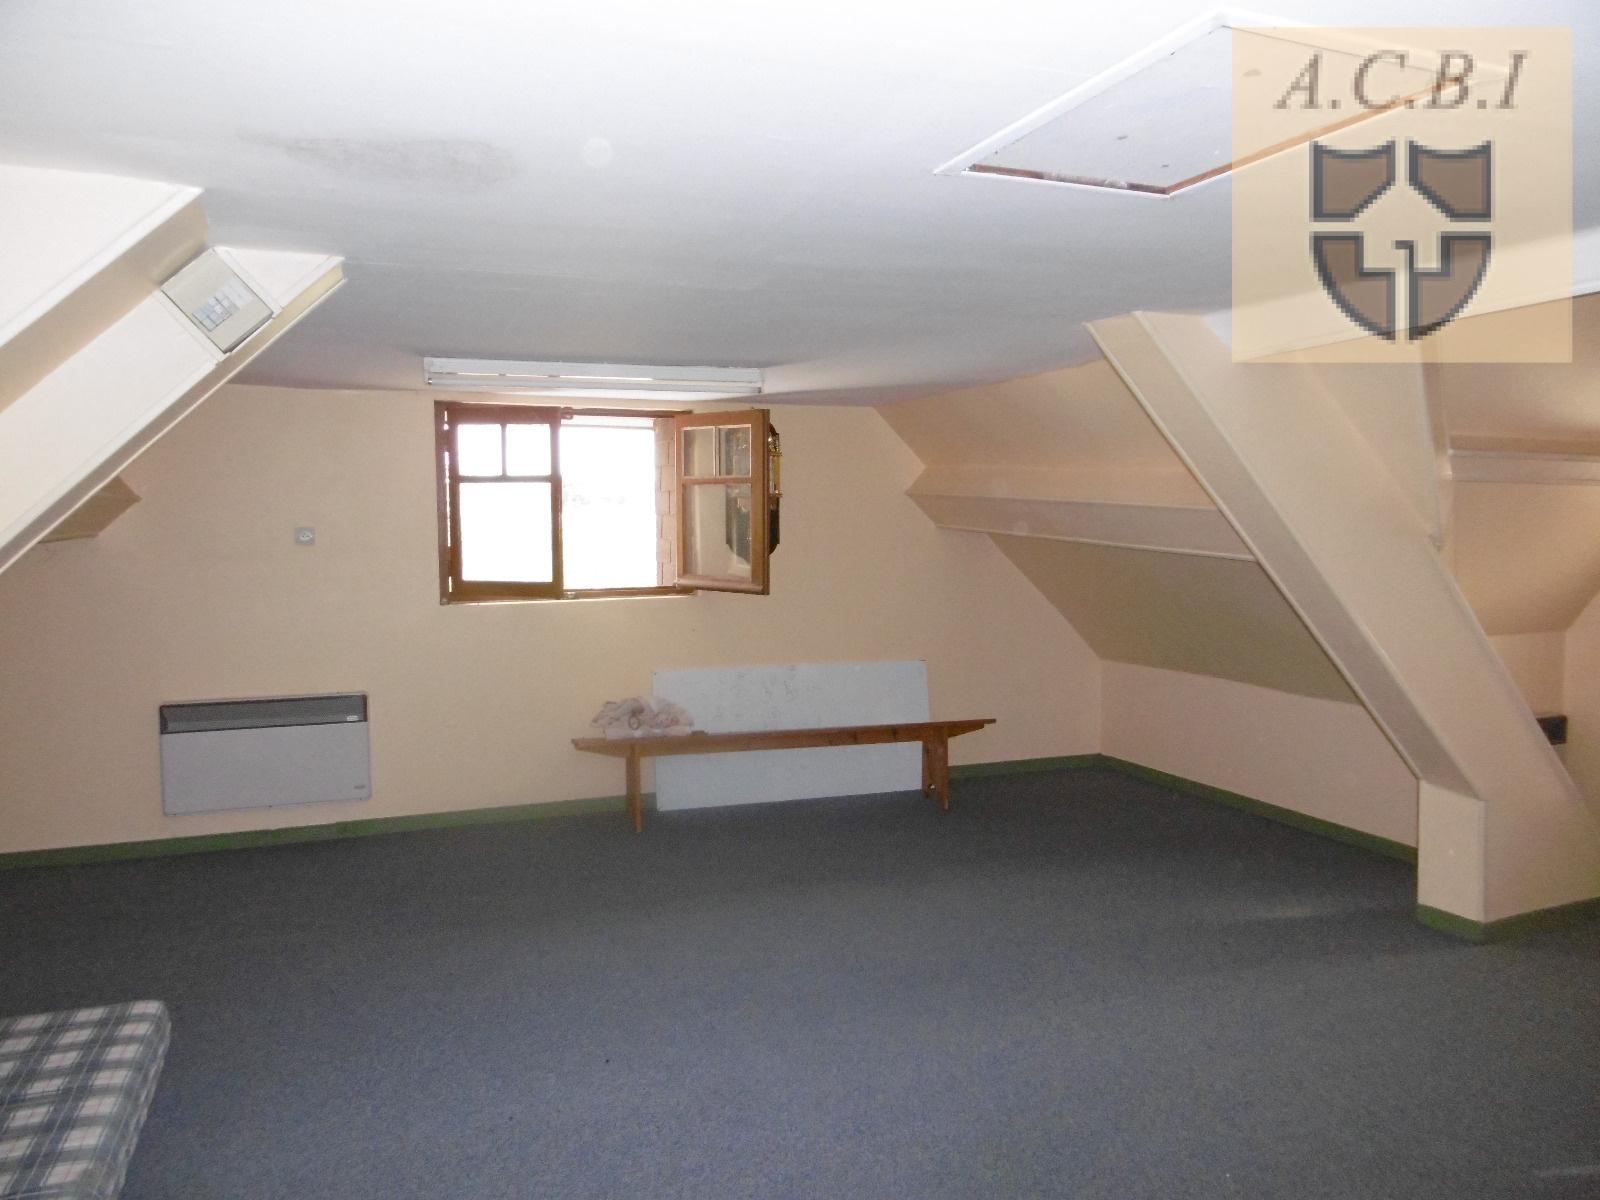 vente aux portes de vendome maisons atypiques a renover dans un havre de paix. Black Bedroom Furniture Sets. Home Design Ideas